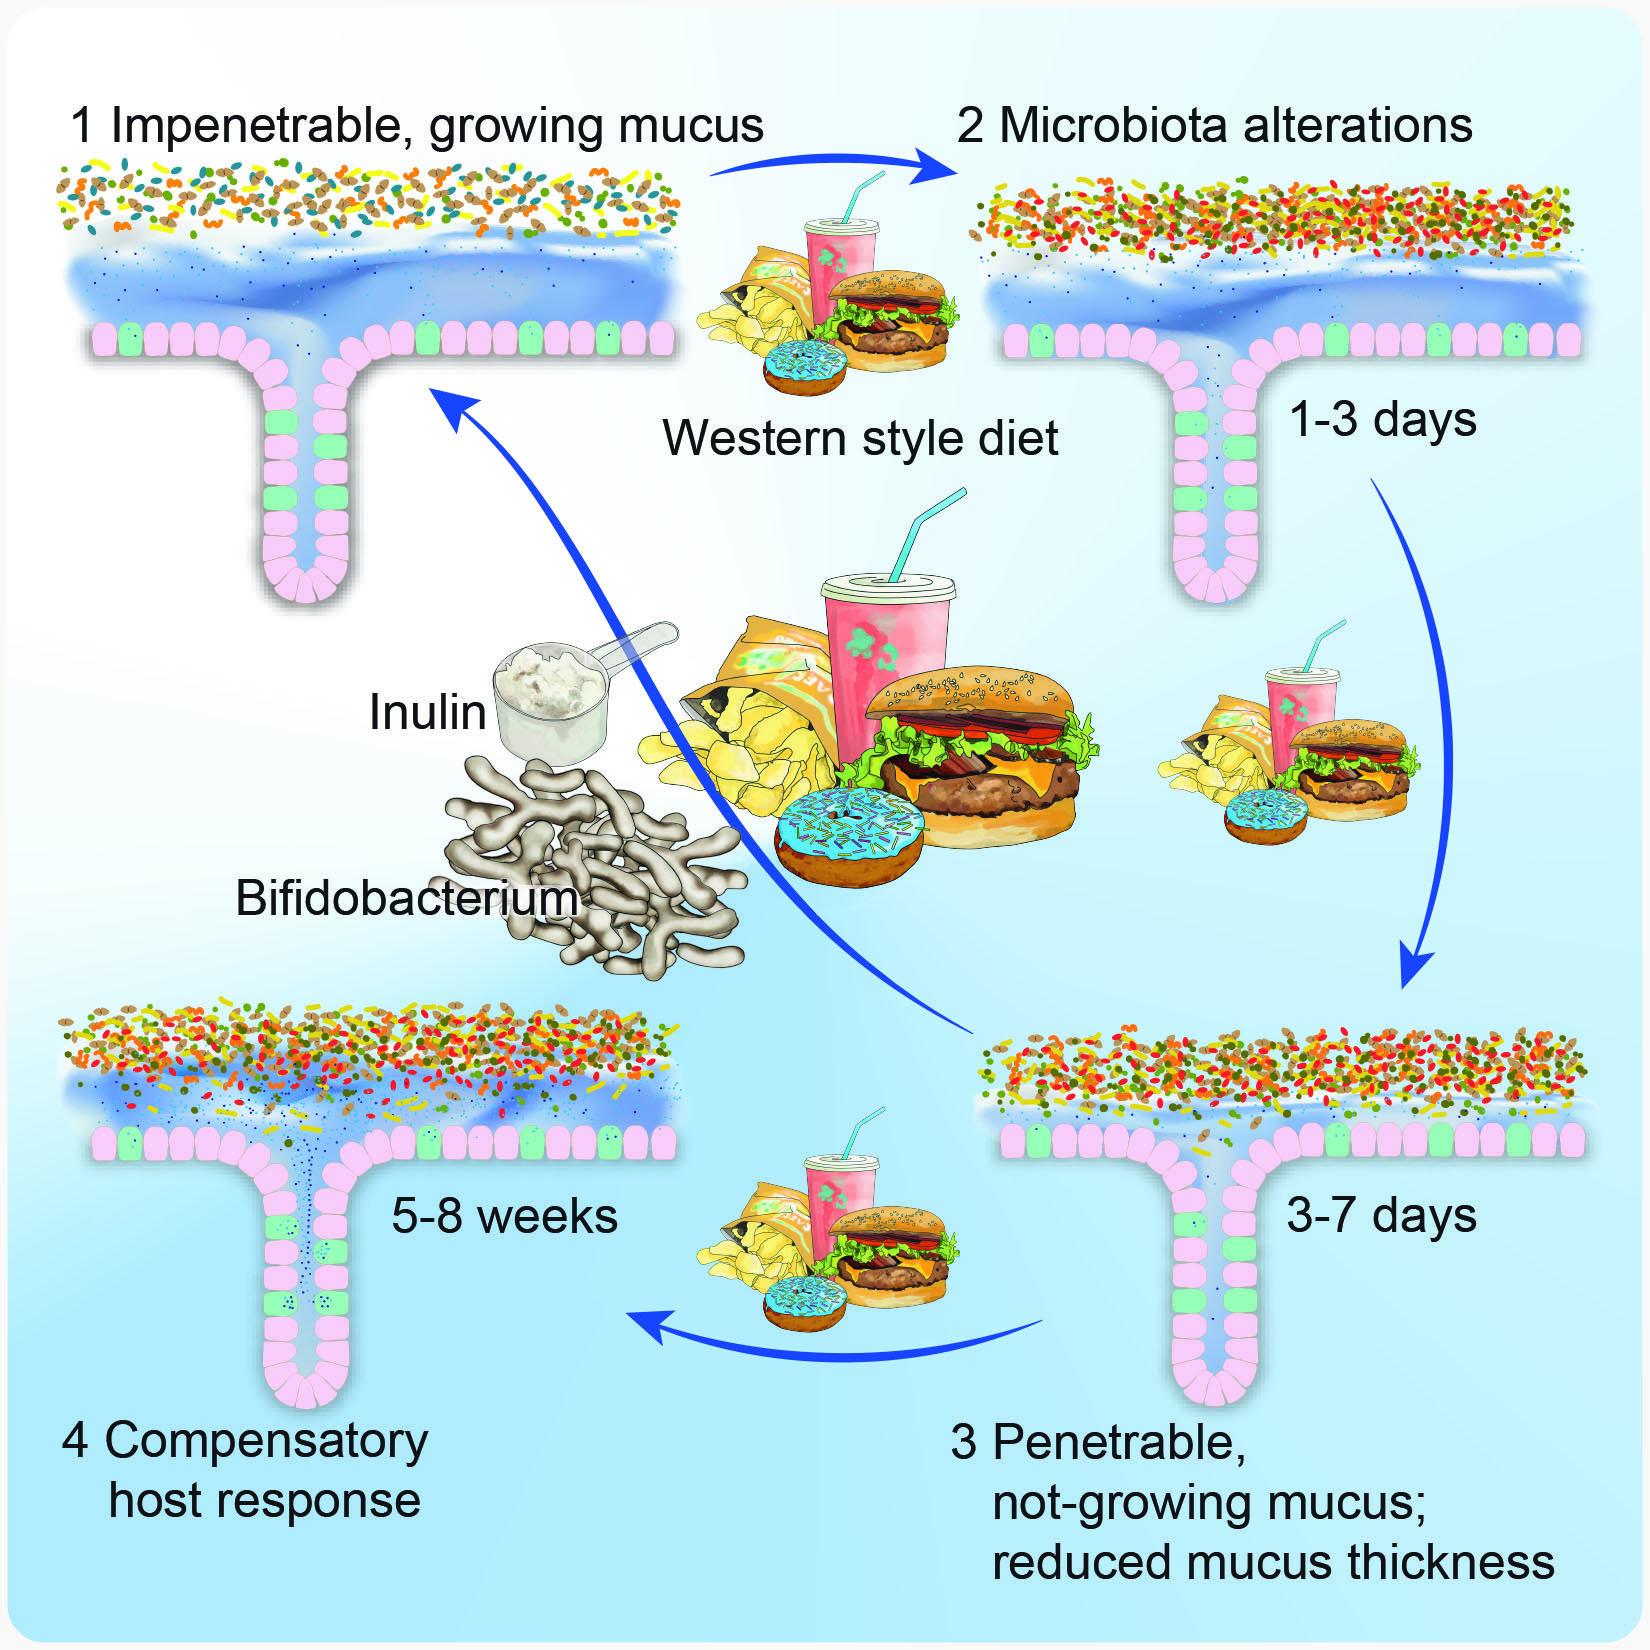 """Инулин помогает изменить в лучшую сторону микрофлору кишечника при питании """"плохой"""" пищей с низким содержанием клетчатки (Западная диета)"""